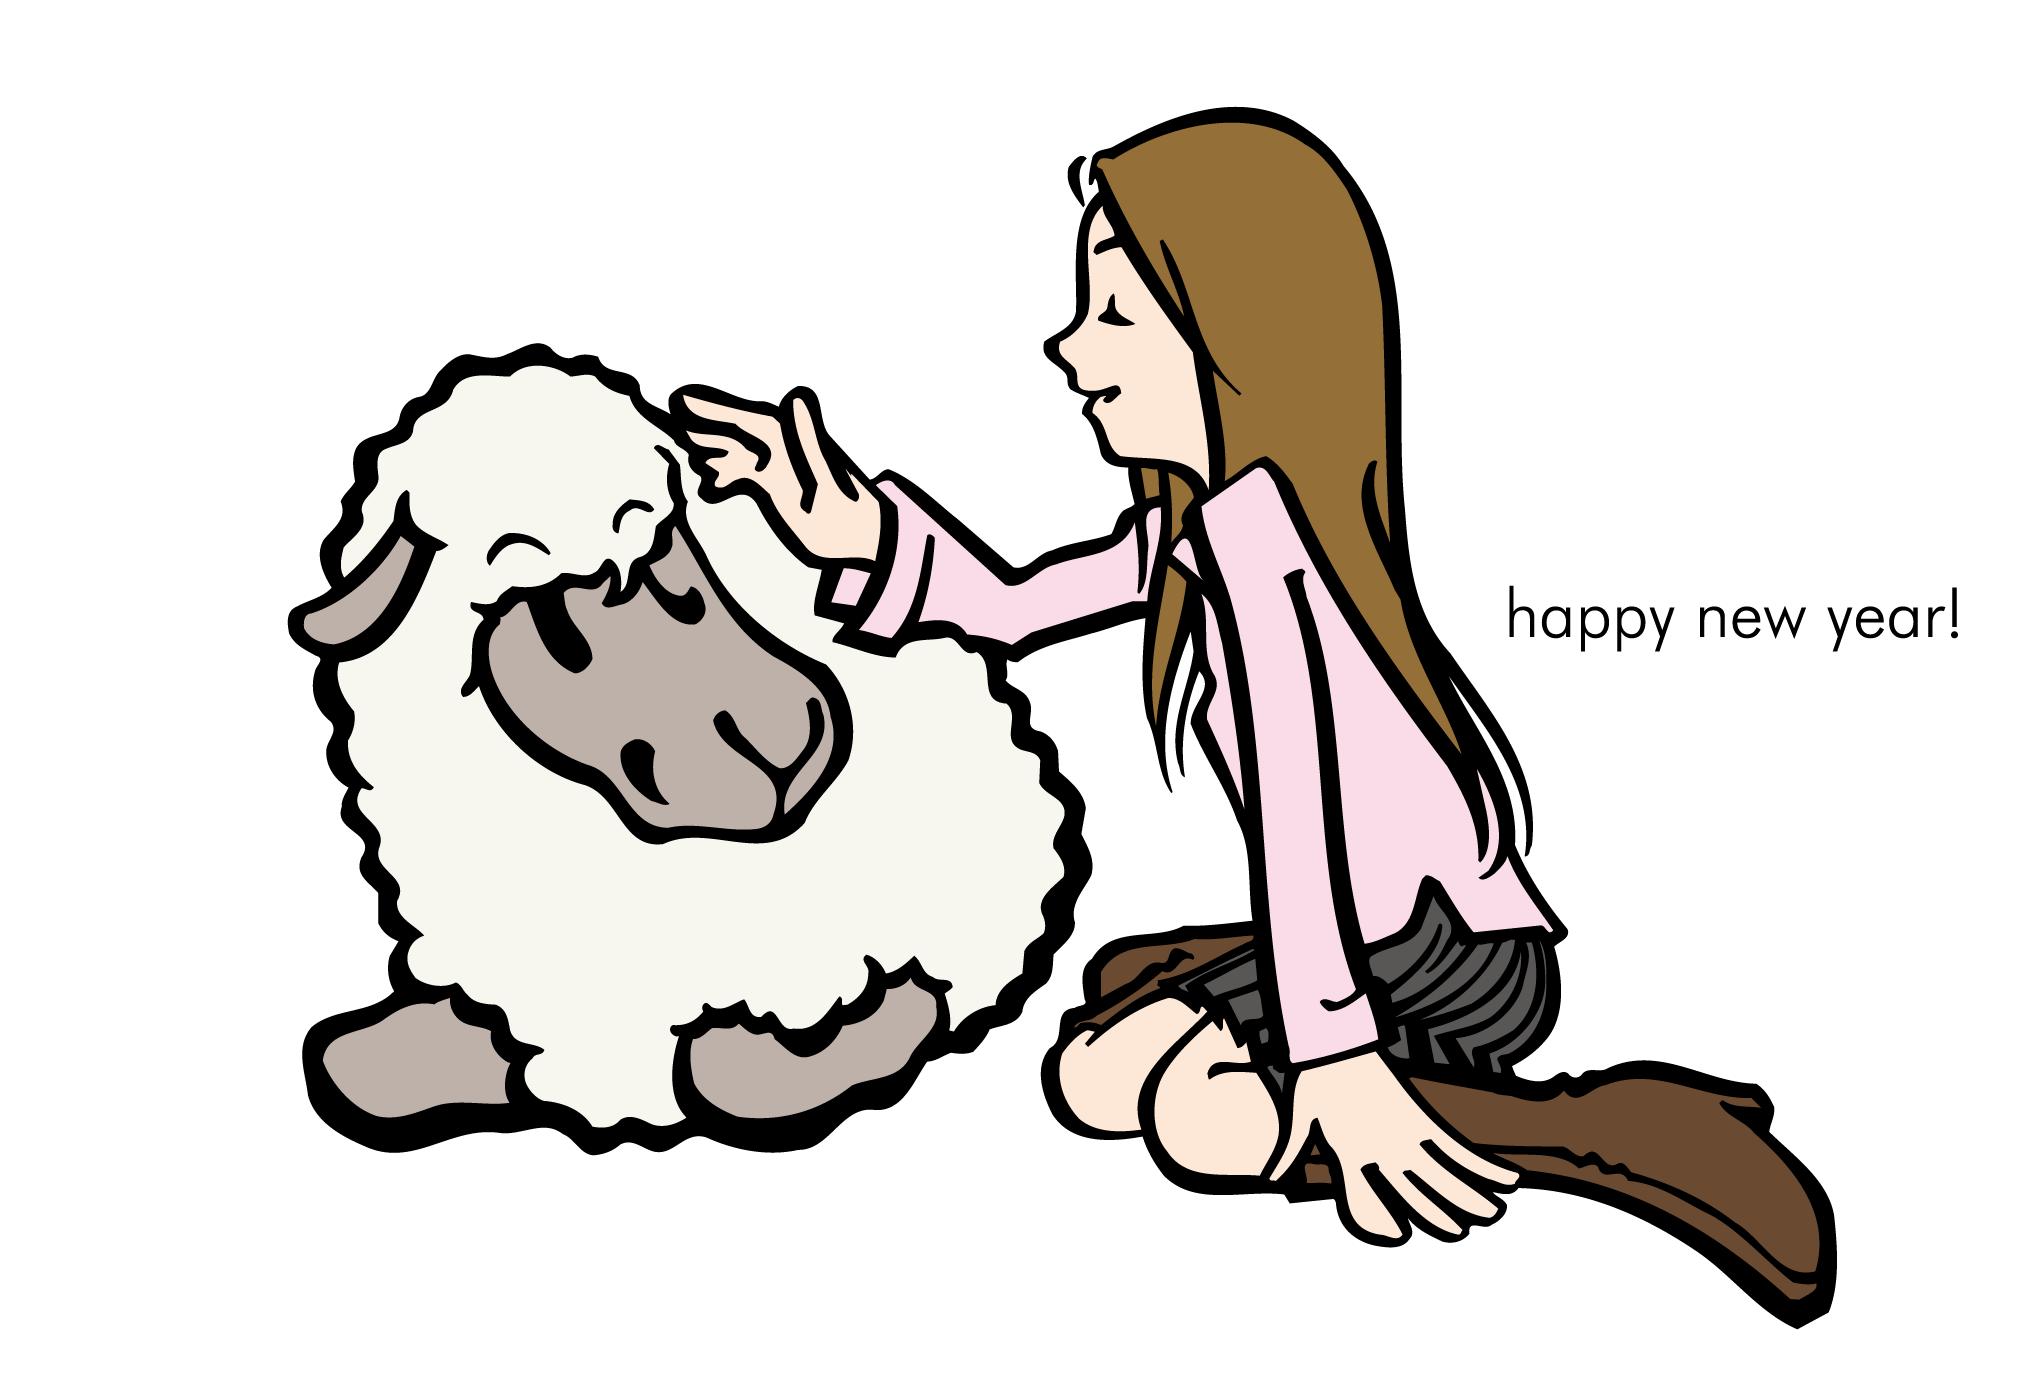 2003年賀状02:羊と女の子のダウンロード画像